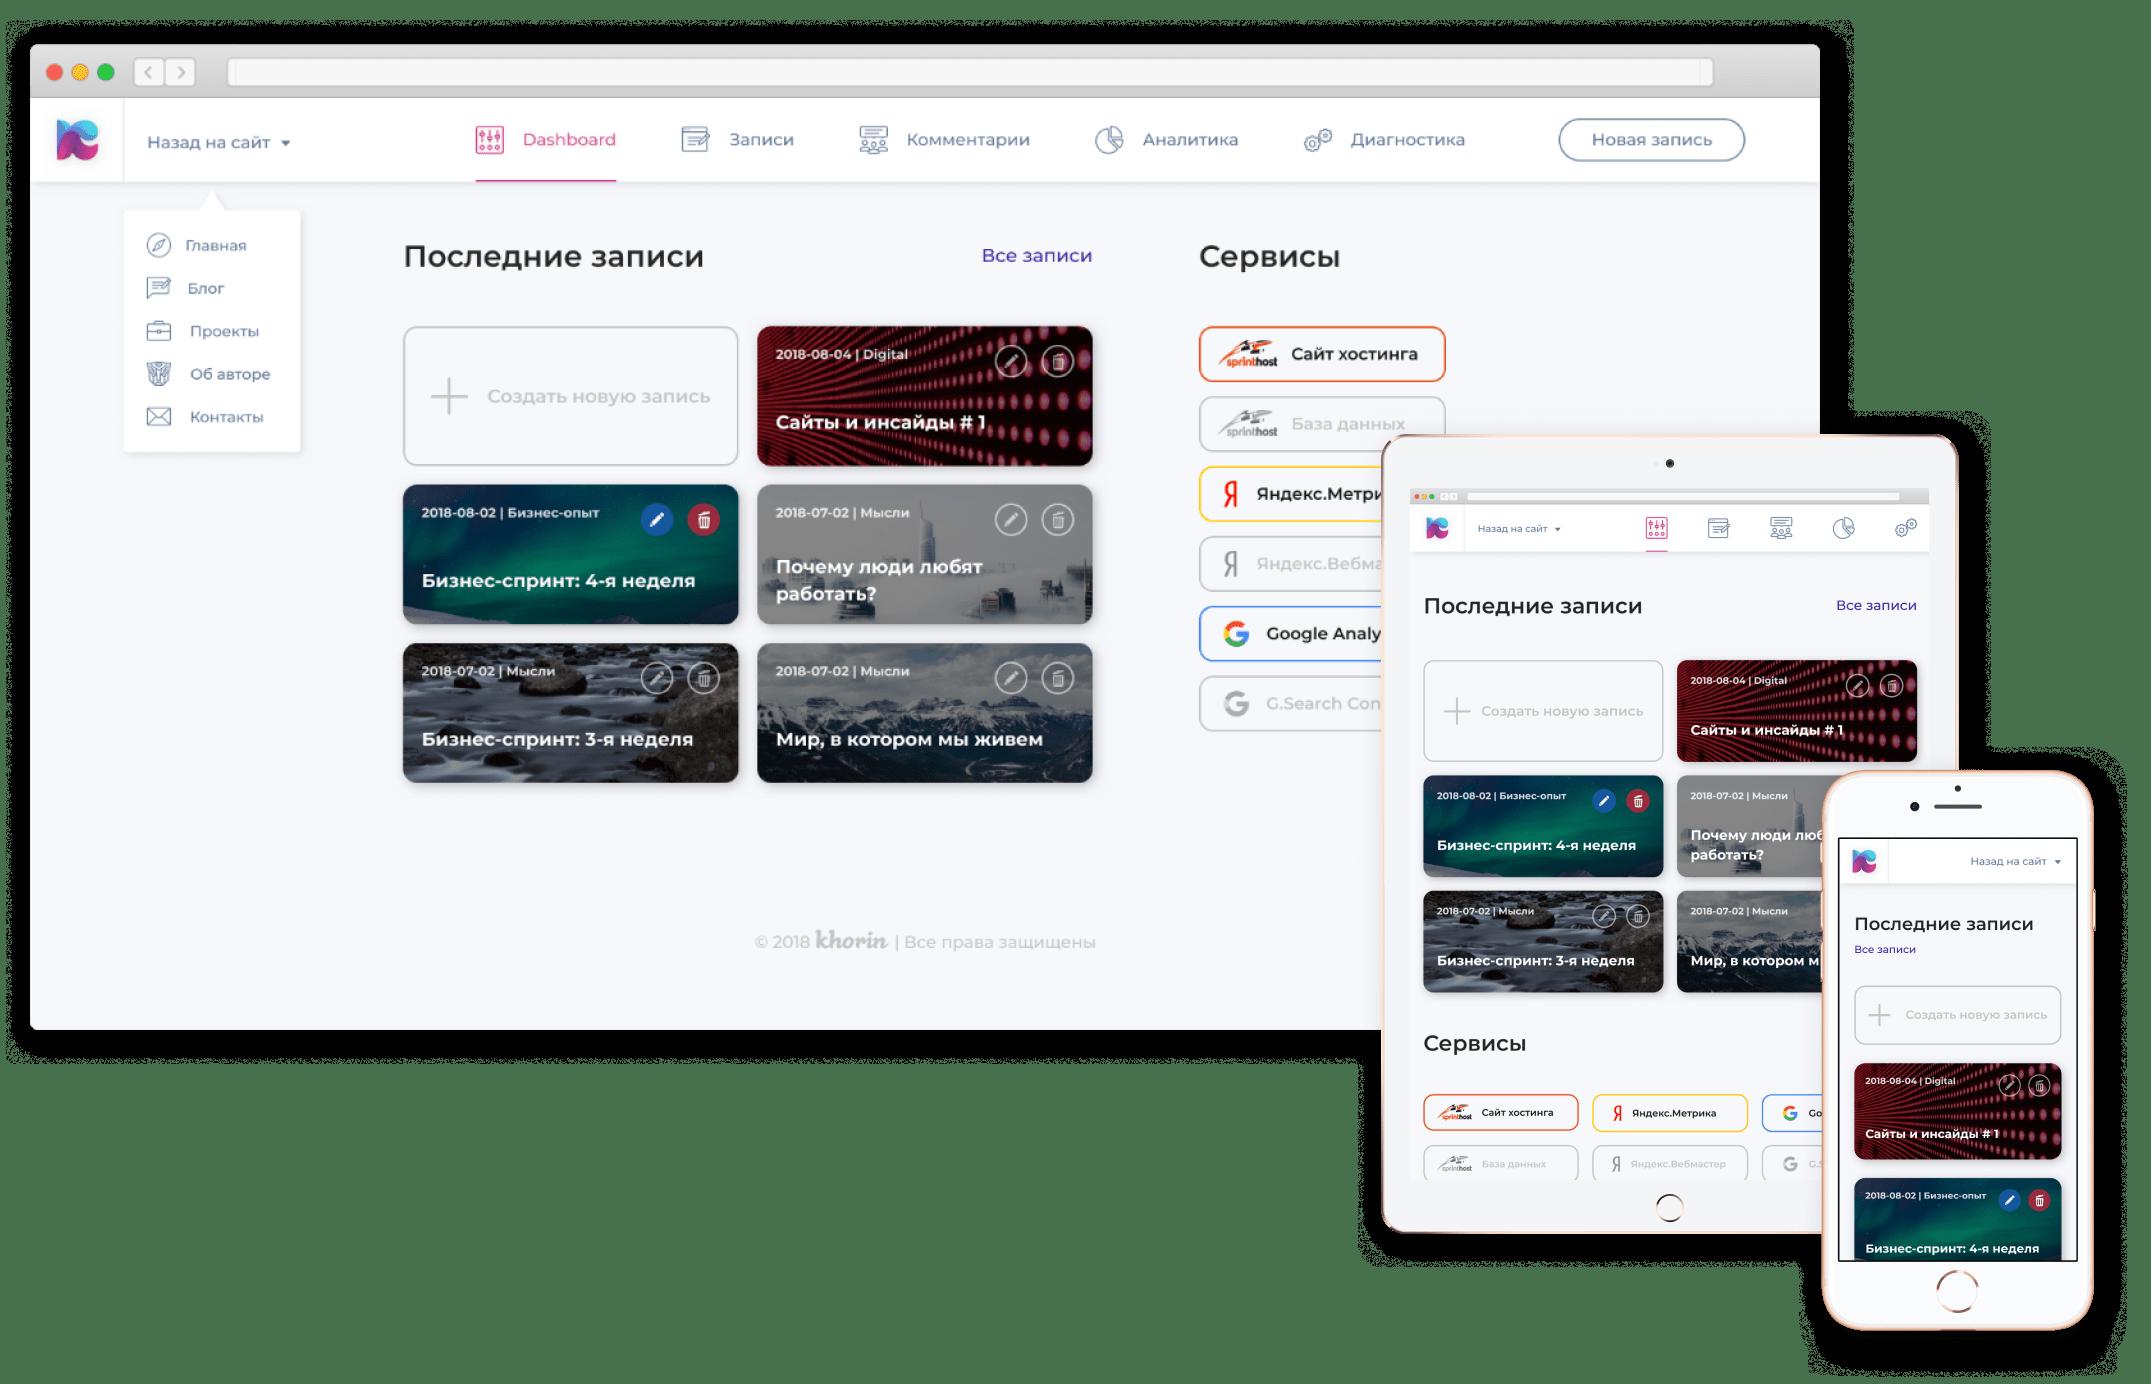 мокапы, панель управления сайта khorin.ru